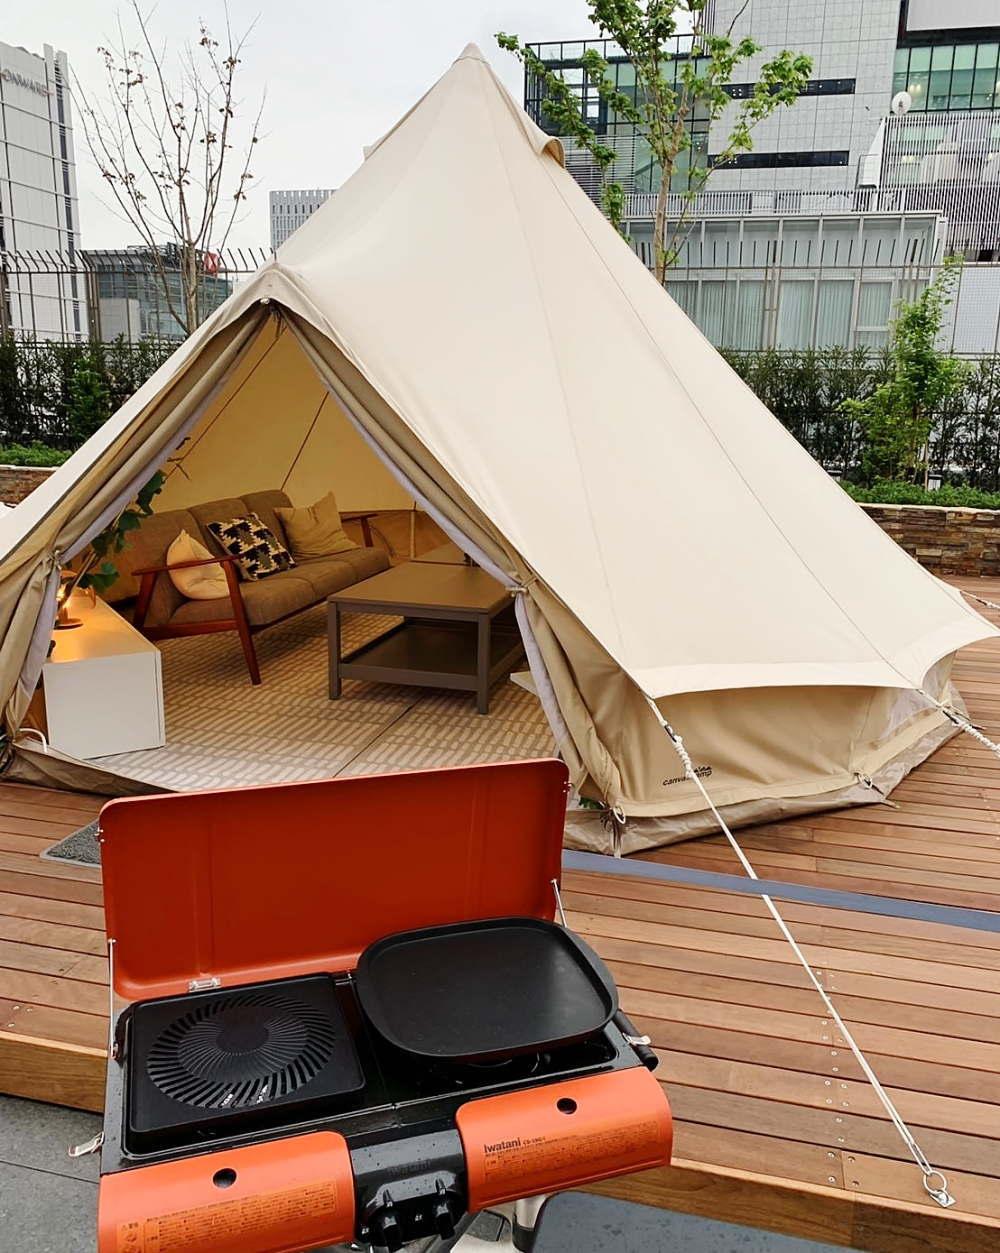 高島屋ビアガーデン テントの中の様子